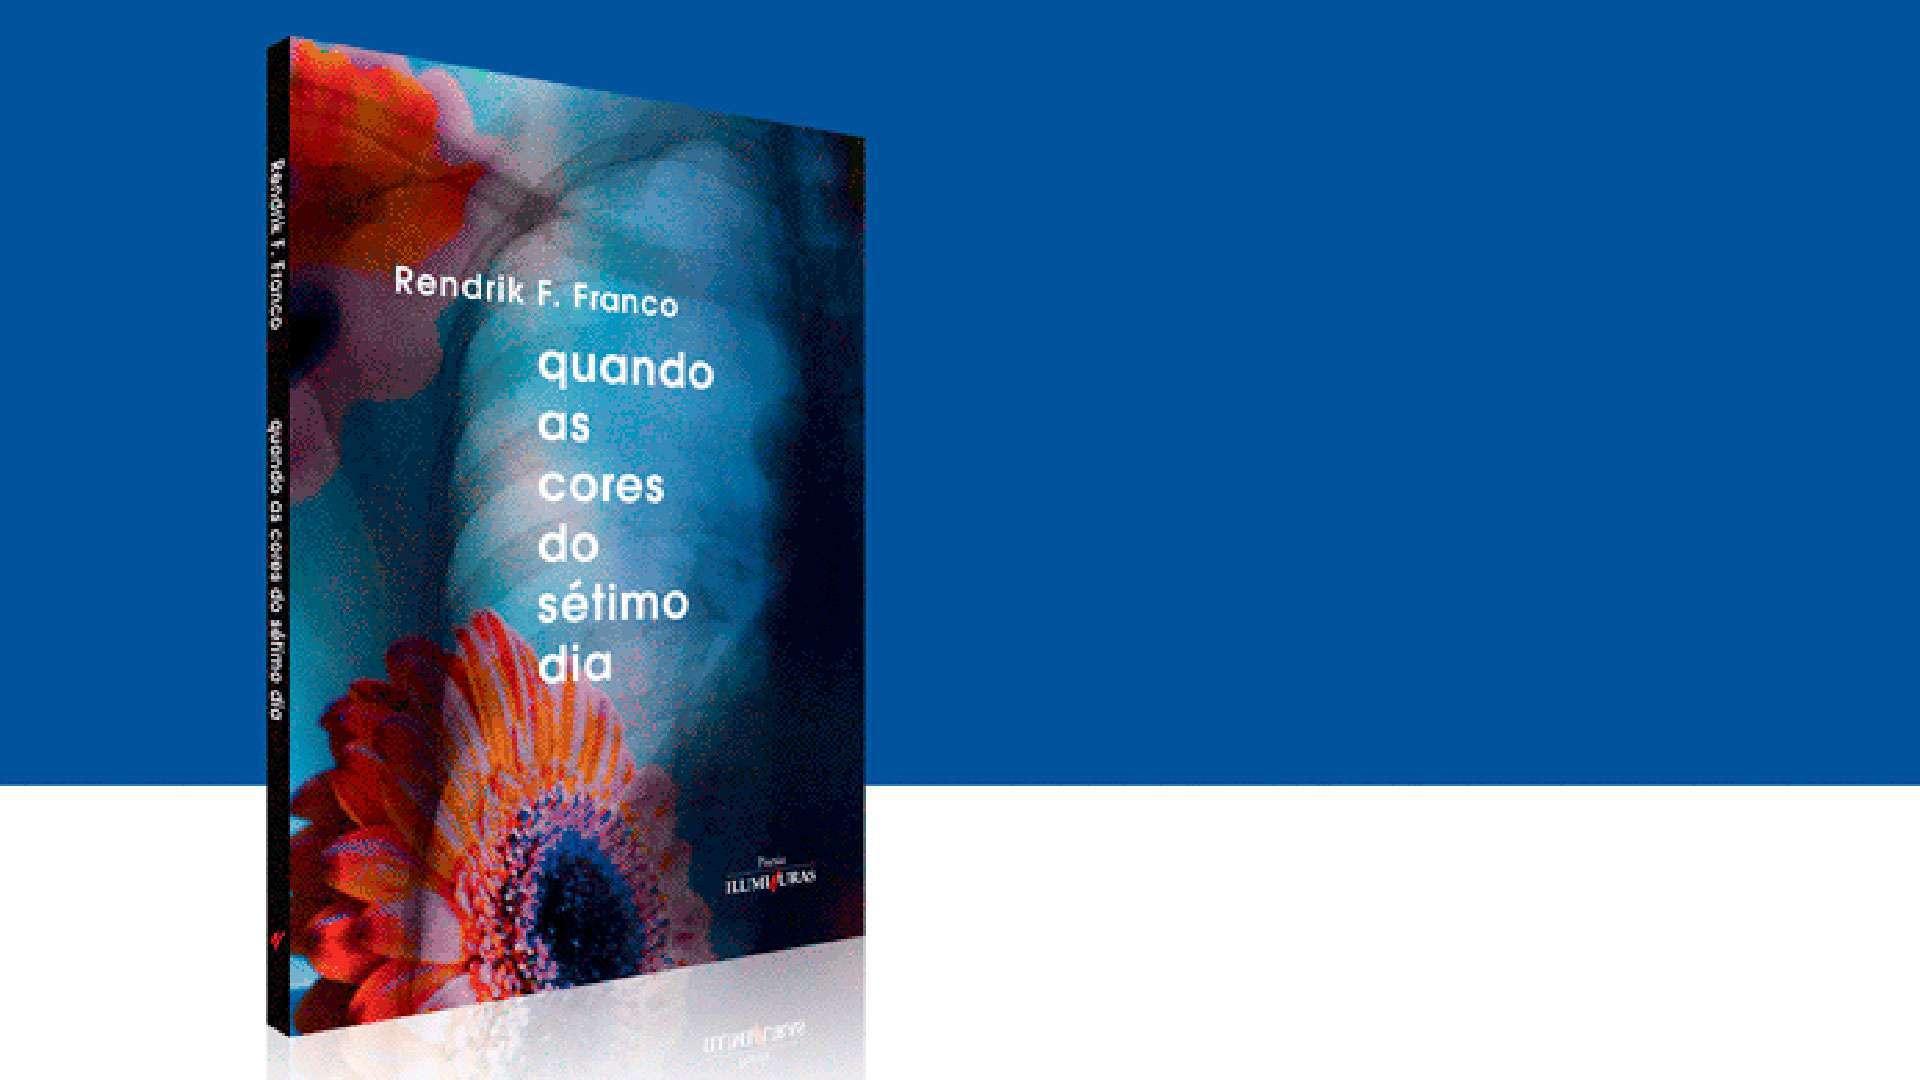 """Livro """"Quando as cores do sétimo dia"""", Rendrik F. Franco"""